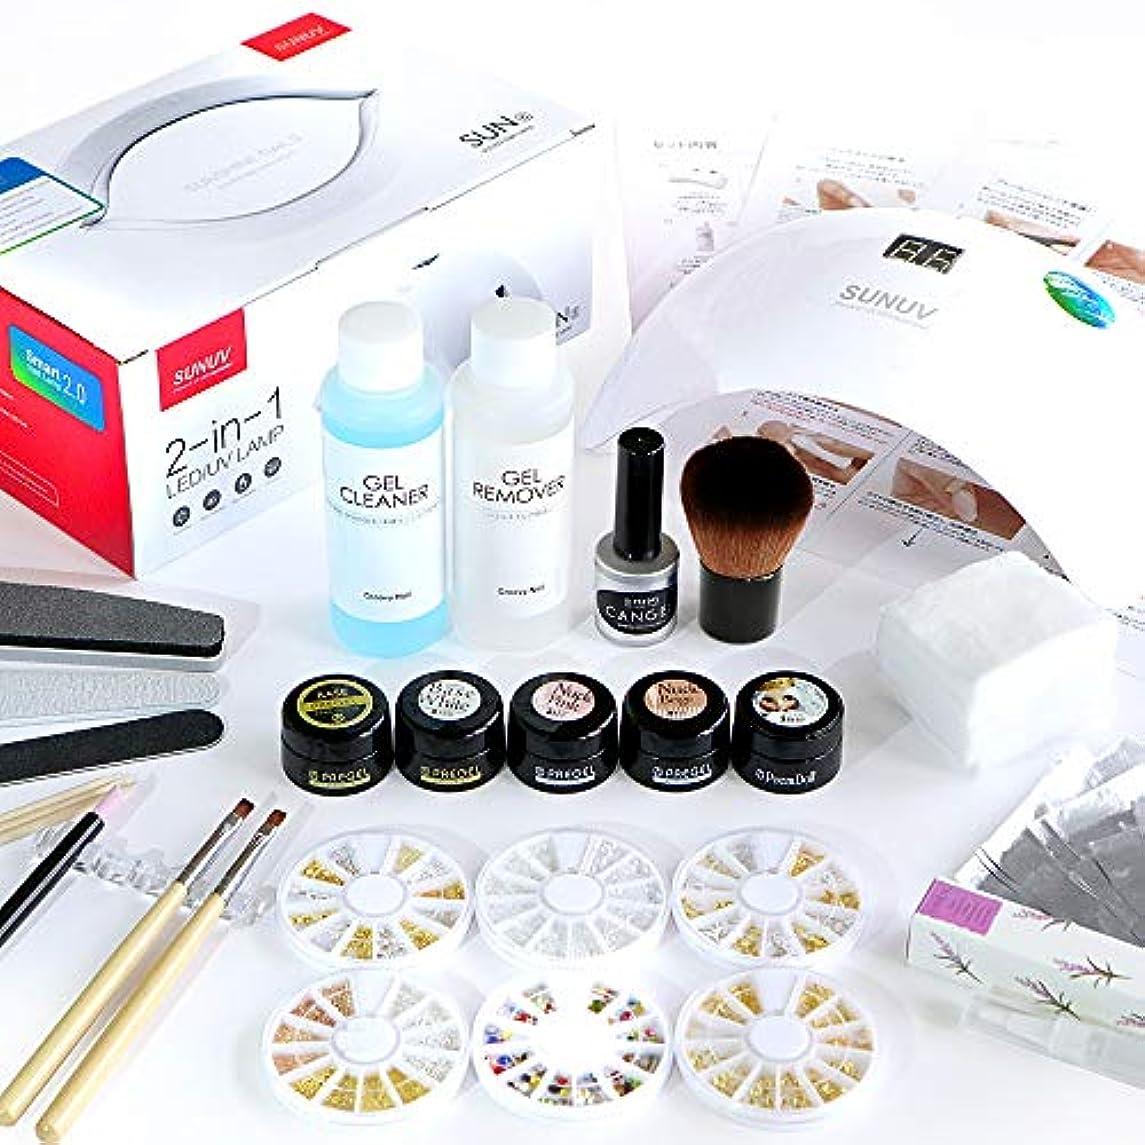 雨マーク欠伸PREGEL プリジェル ジェルネイル スターターキット 日本製カラージェル4色+LEDライト48W ネイルアート 初心者におすすめ